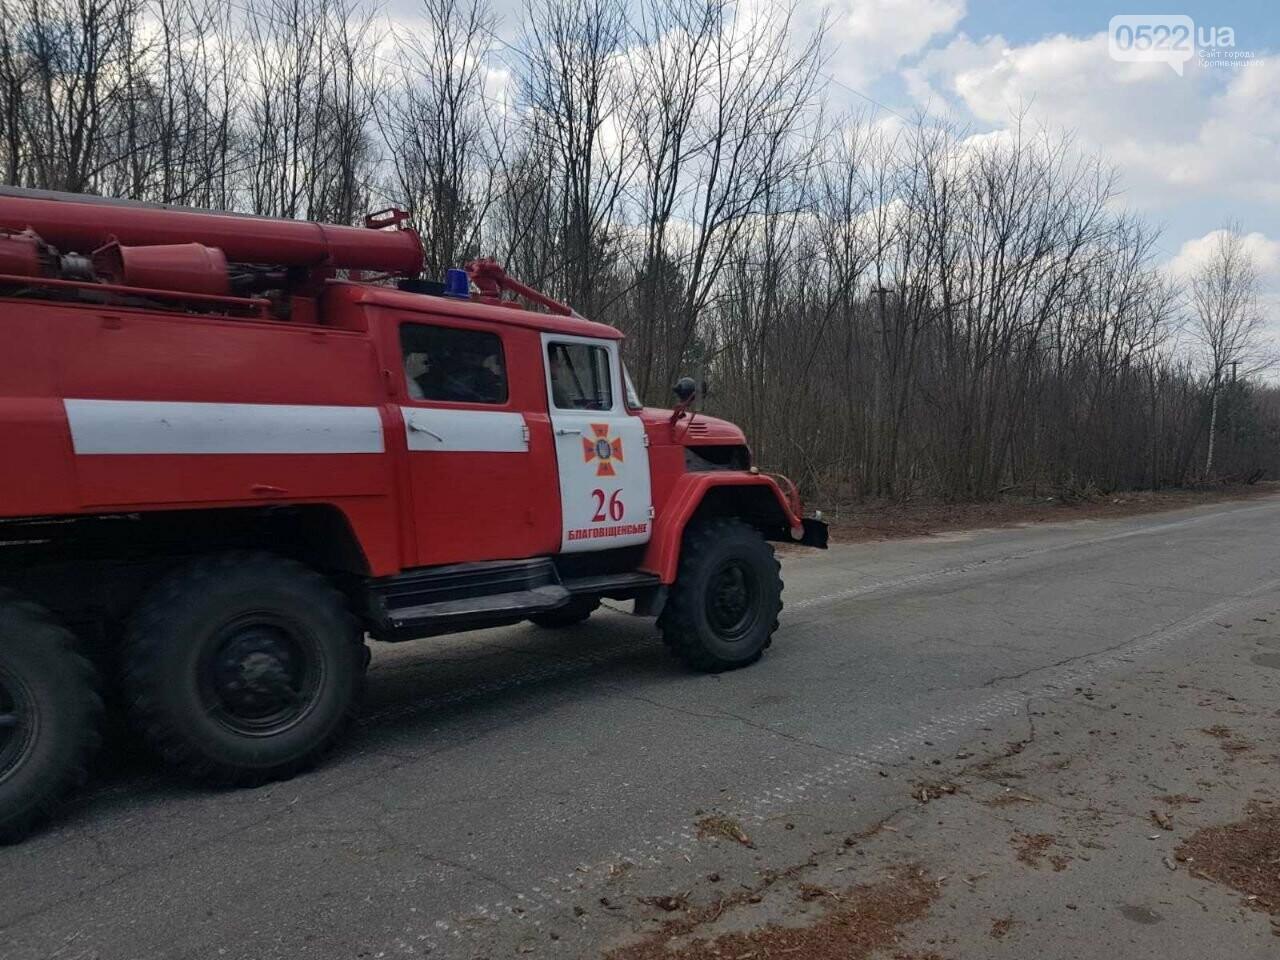 Зведений підрозділ кіровоградського гарнізону допомагає долати лісові пожежі на Київщині, фото-3